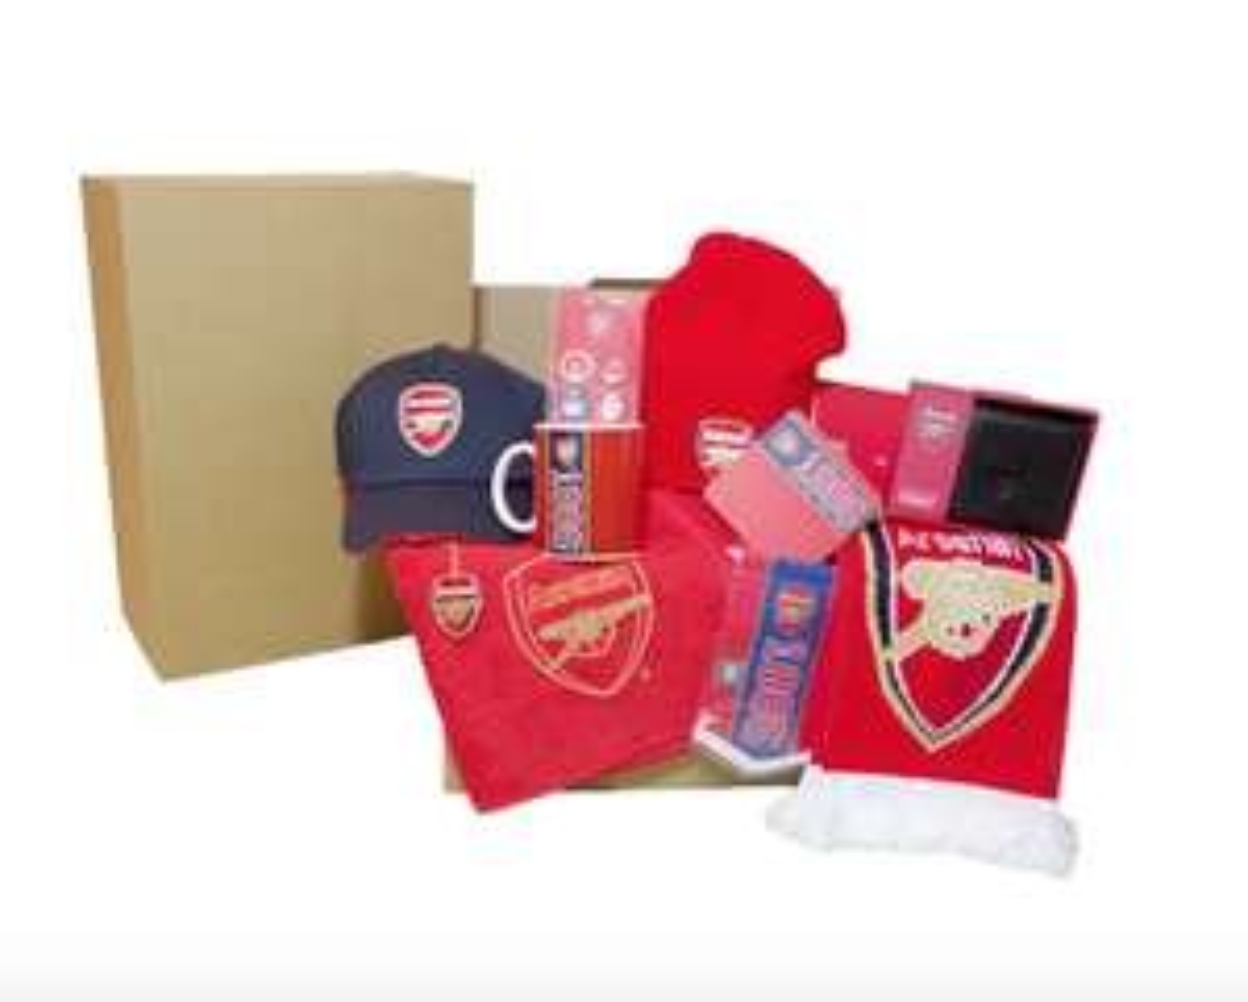 Livraison gratuite pour l'achat de 2 boîtes cadeau Arsenal